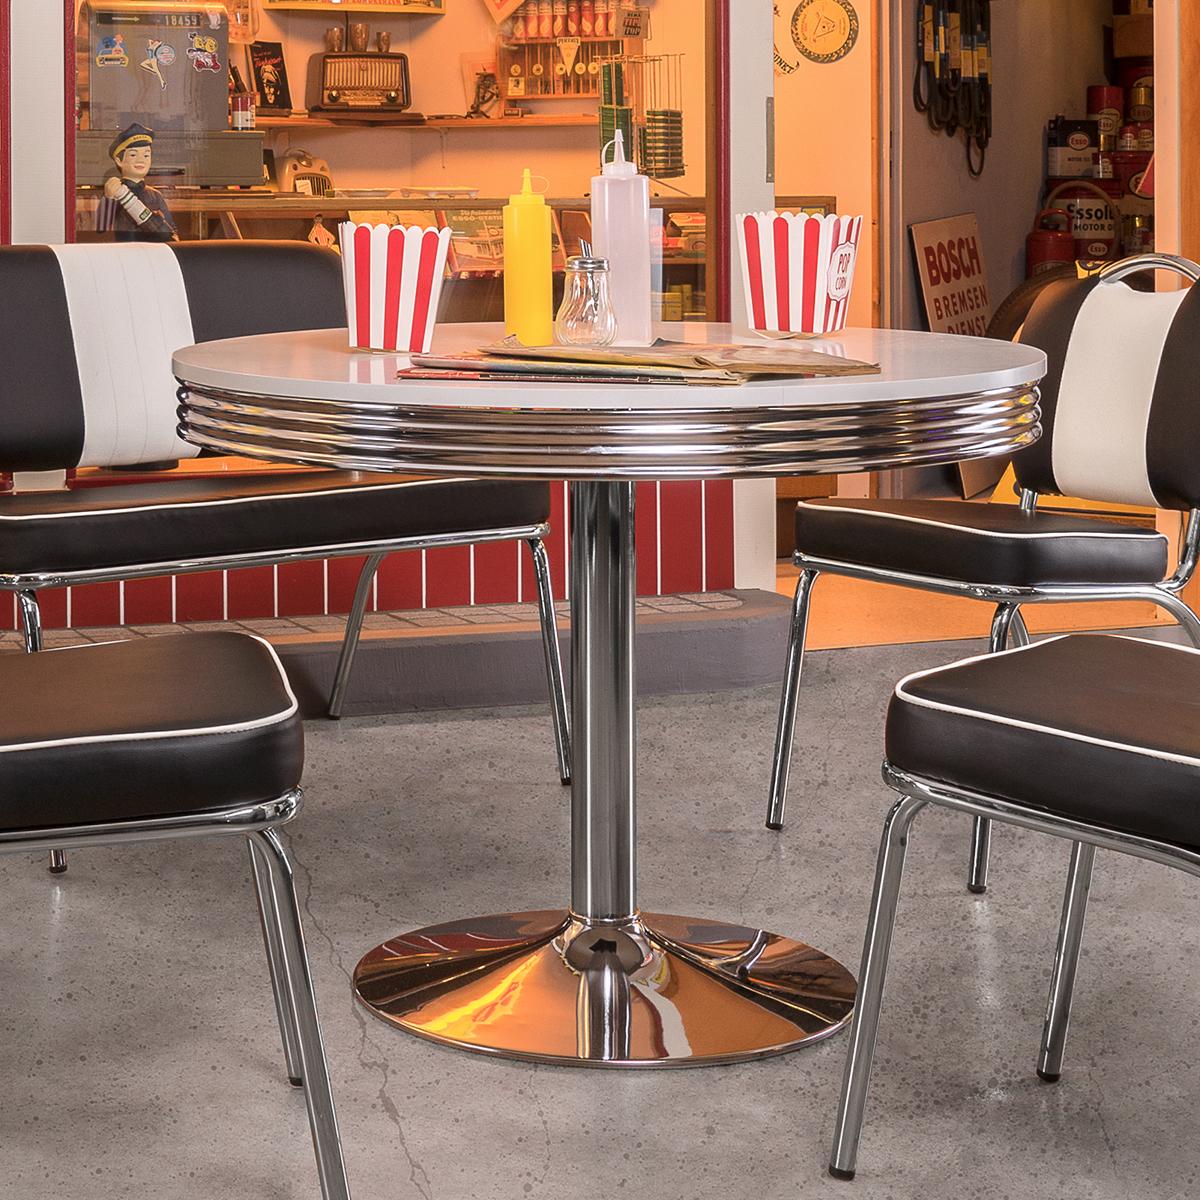 esstisch elvis tisch bistrotisch edelstahl wei 100 american diner 50er jahre ebay. Black Bedroom Furniture Sets. Home Design Ideas